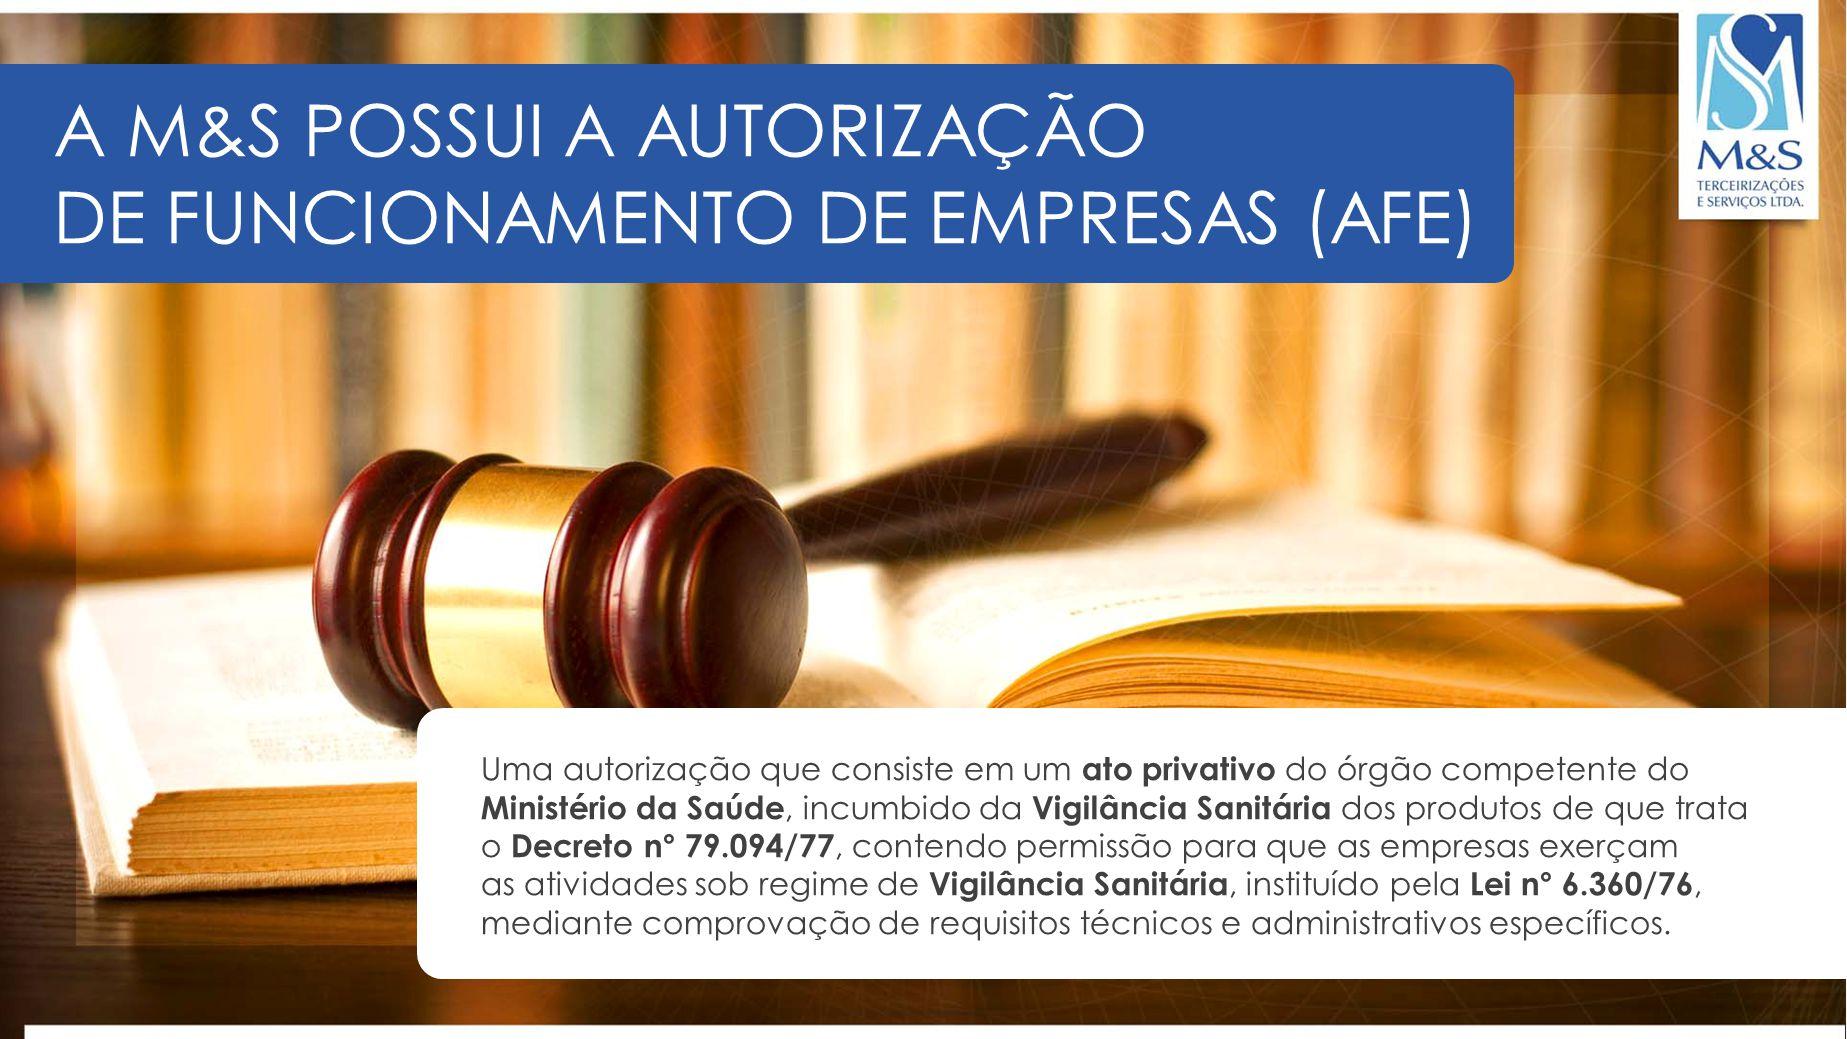 A M&S POSSUI A AUTORIZAÇÃO DE FUNCIONAMENTO DE EMPRESAS (AFE)